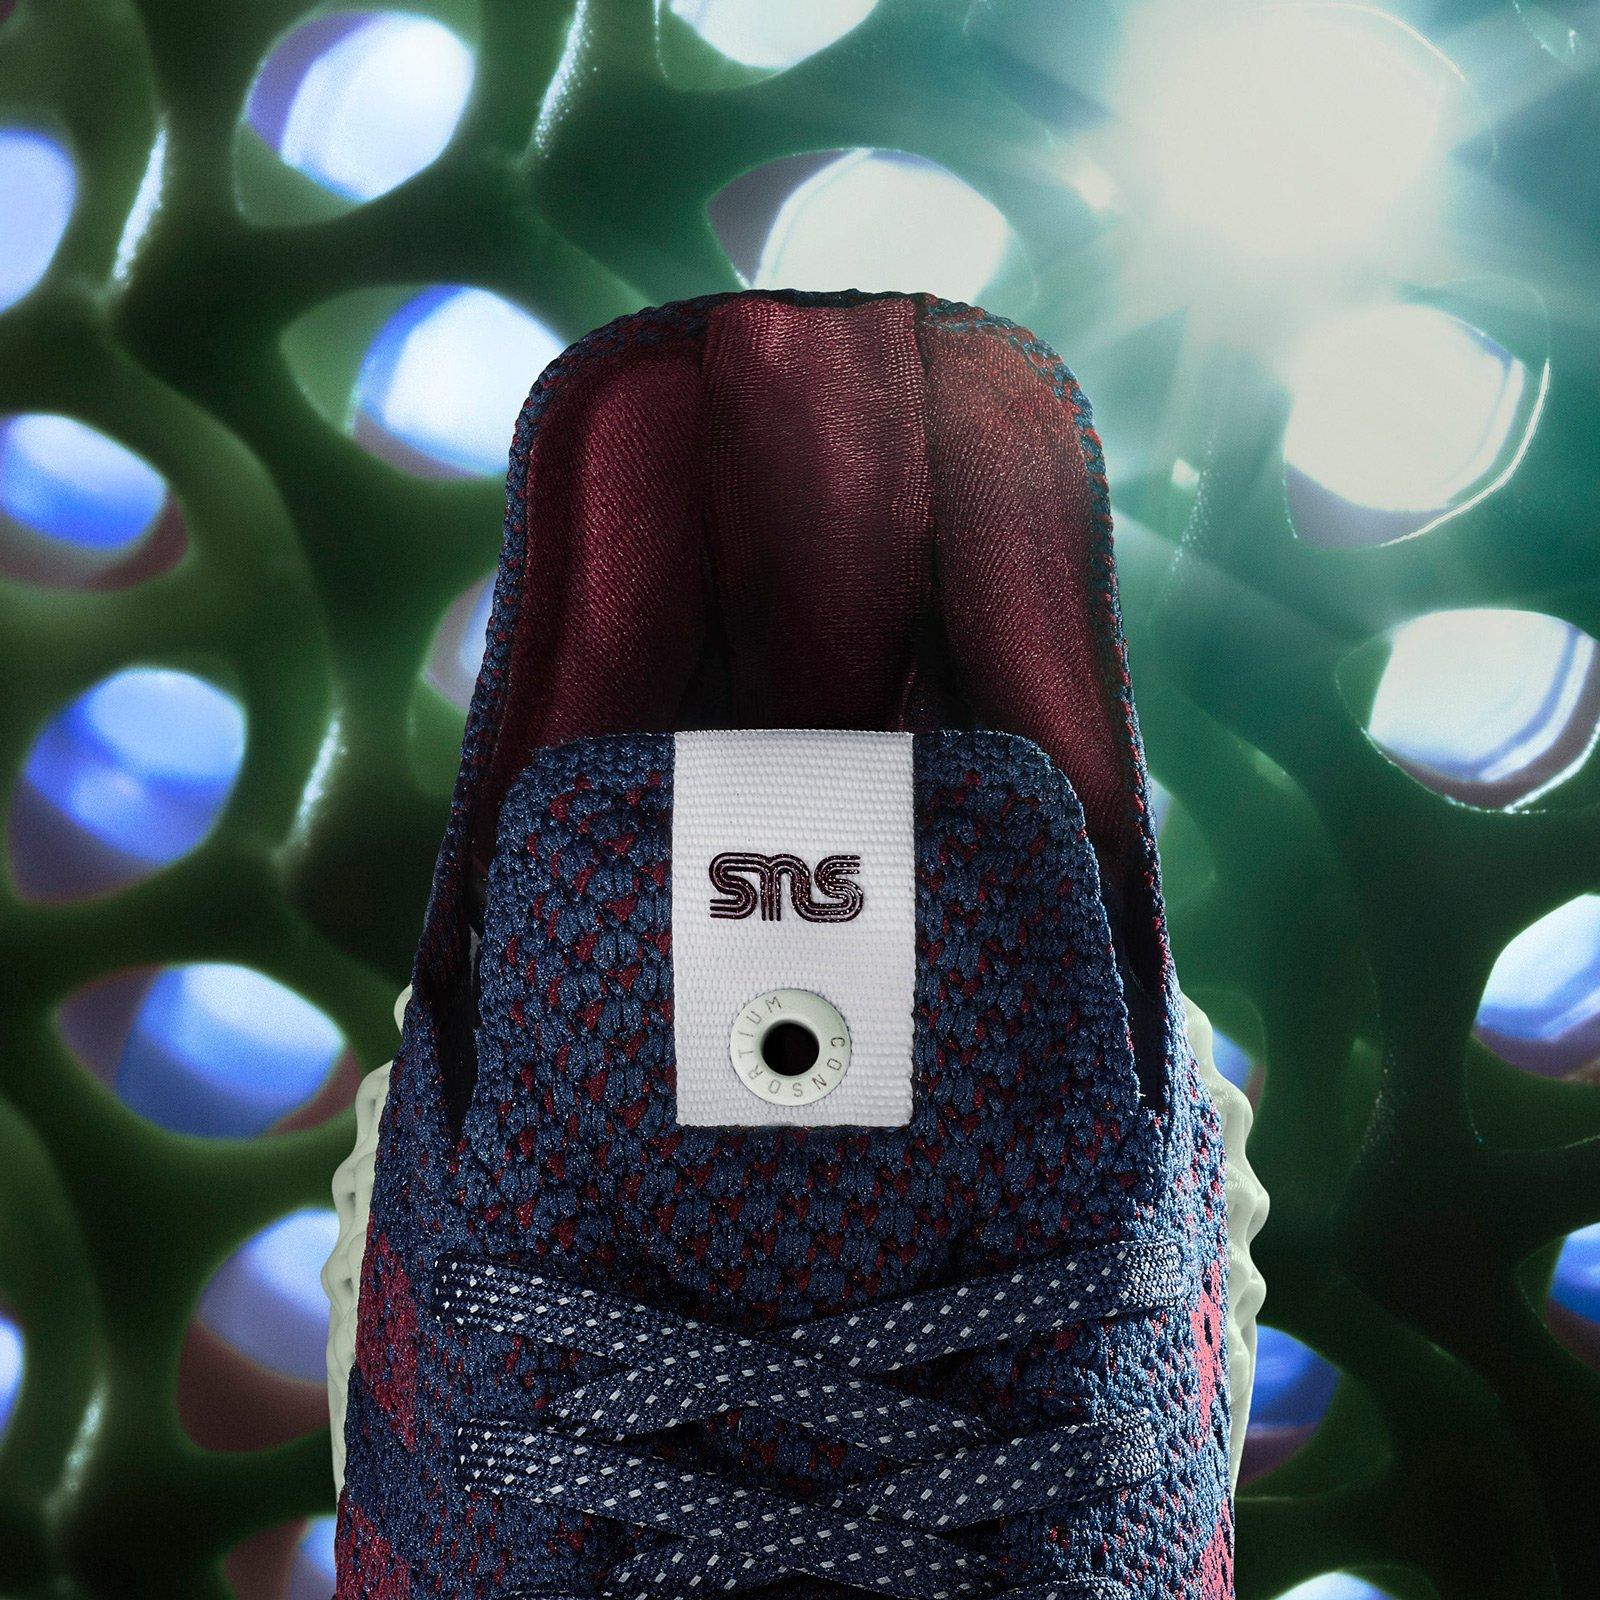 timeless design c06f6 7cf7a ... adidas Consortium 4D x Sneakersnstuff ...